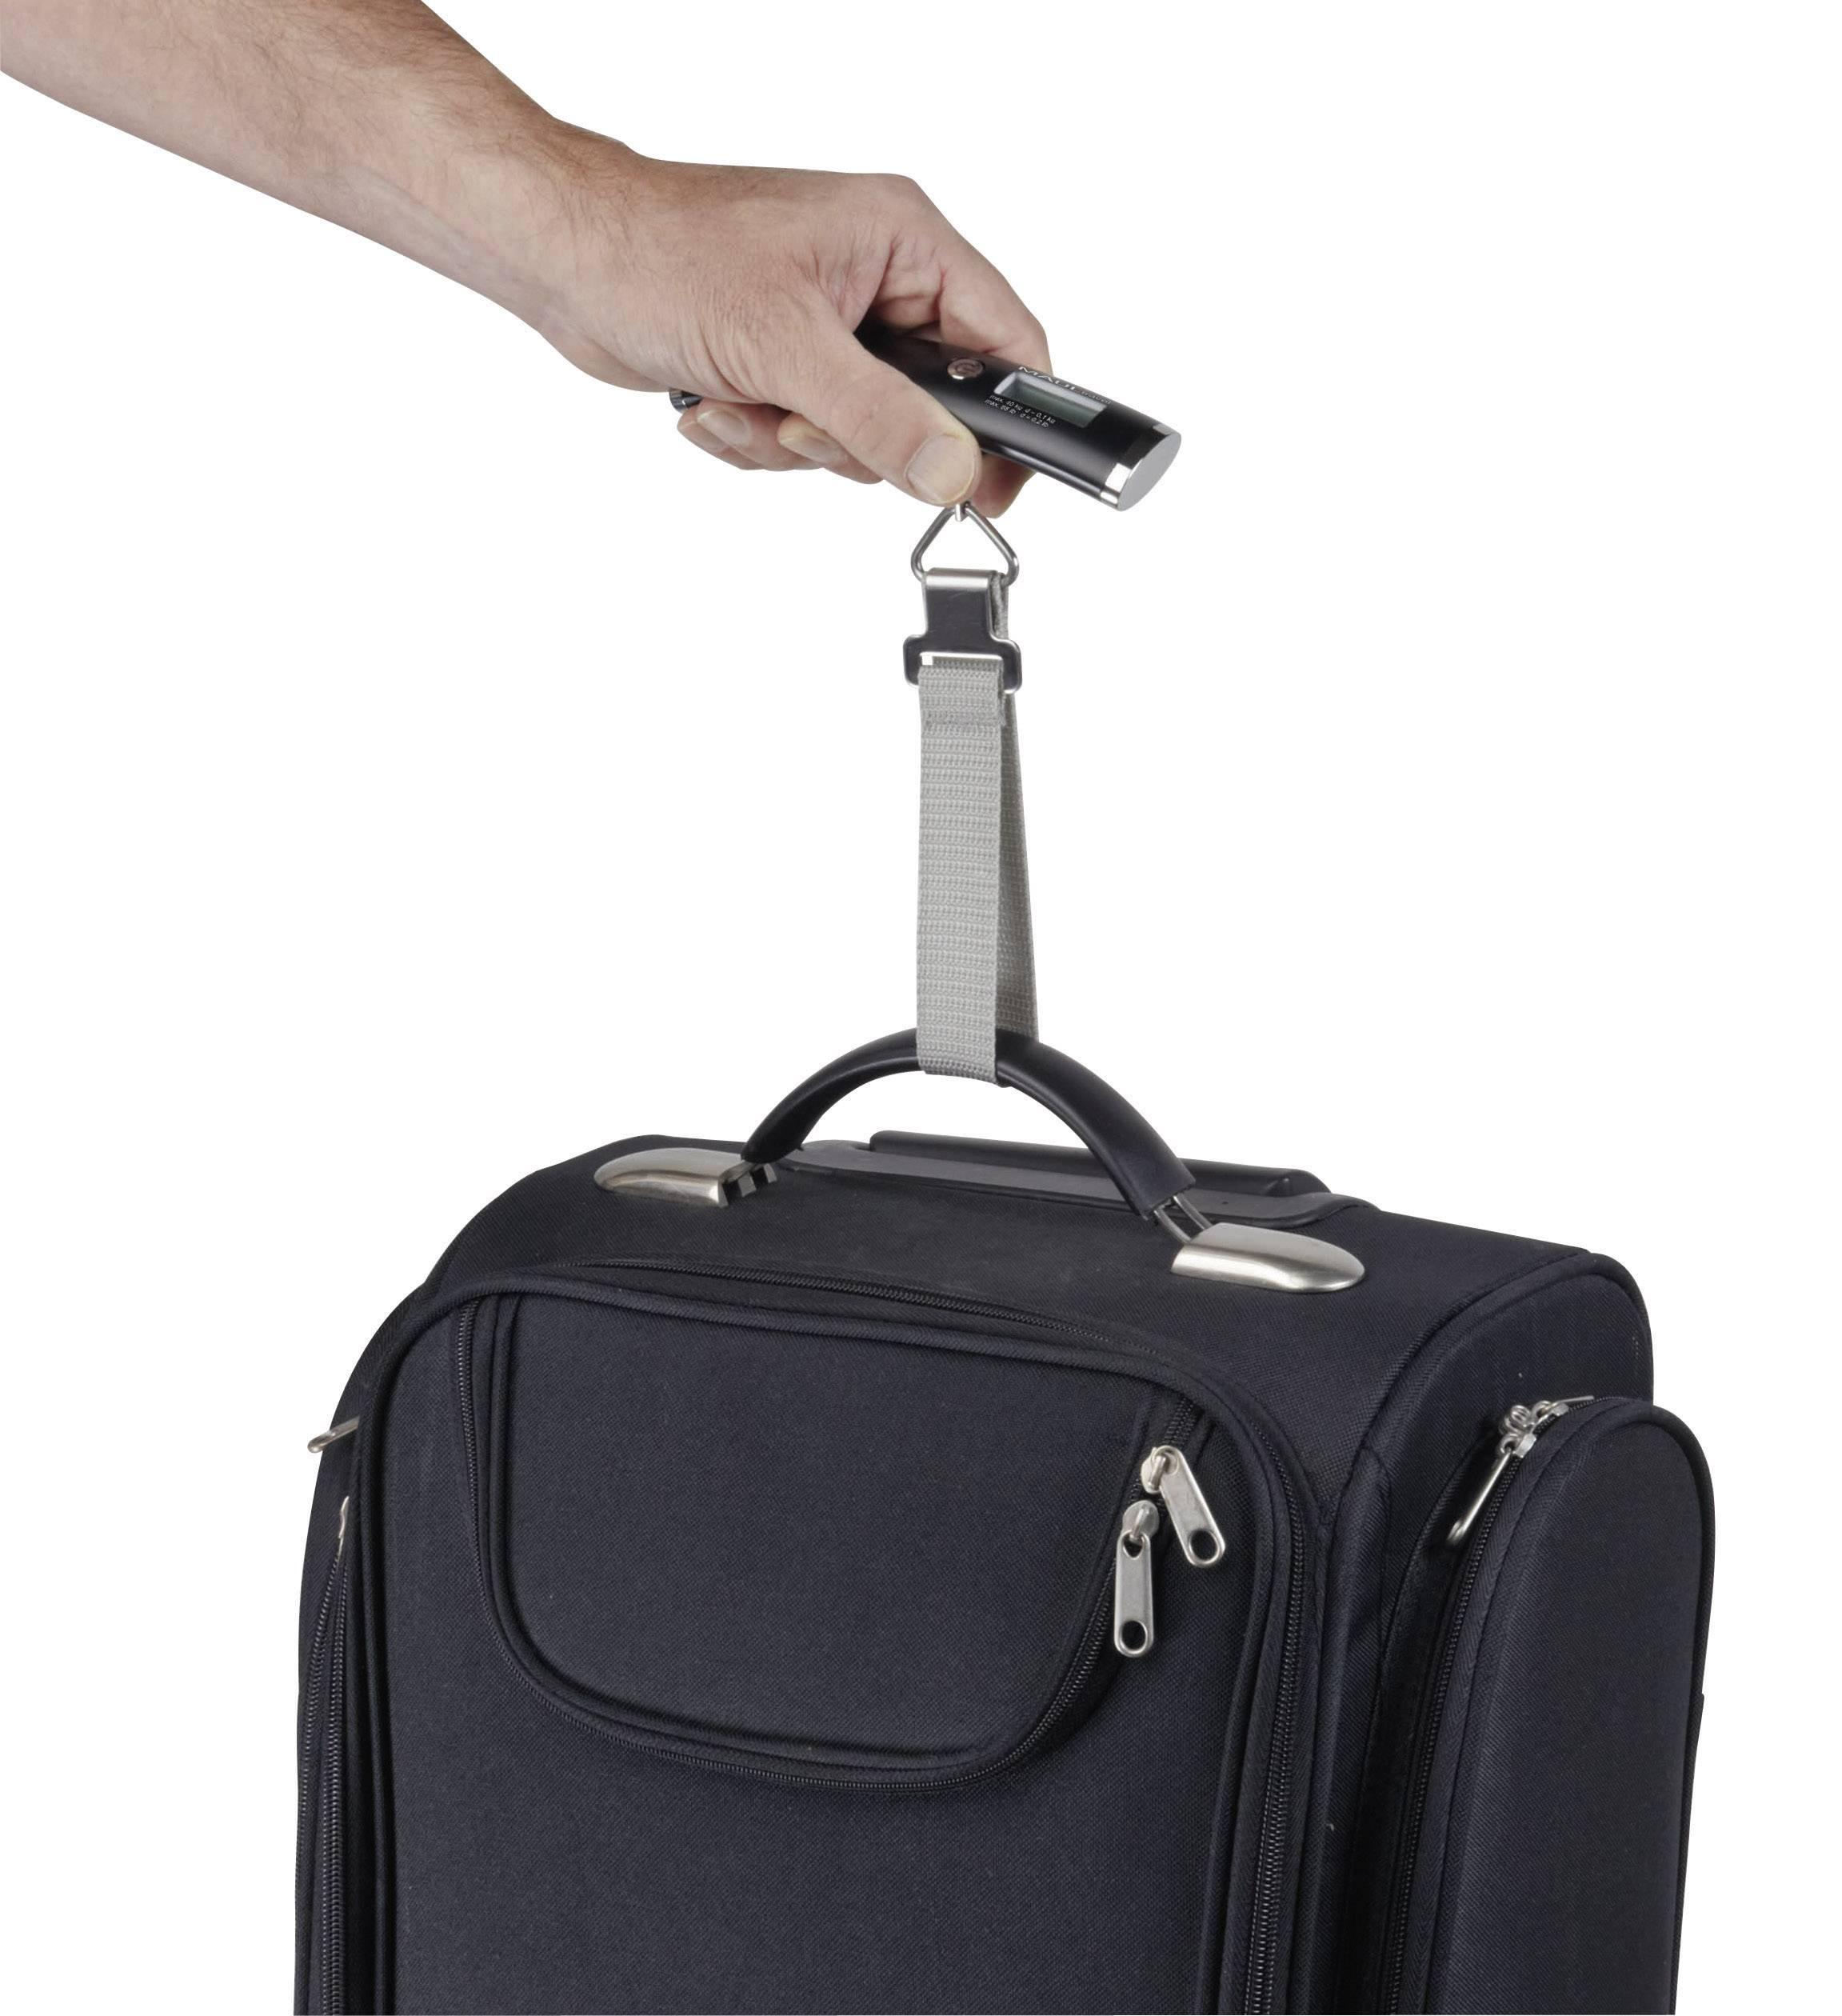 Váha na cestovní zavazdla Maul travel, max. váživost 40 kg, rozlišení 100 g, černá